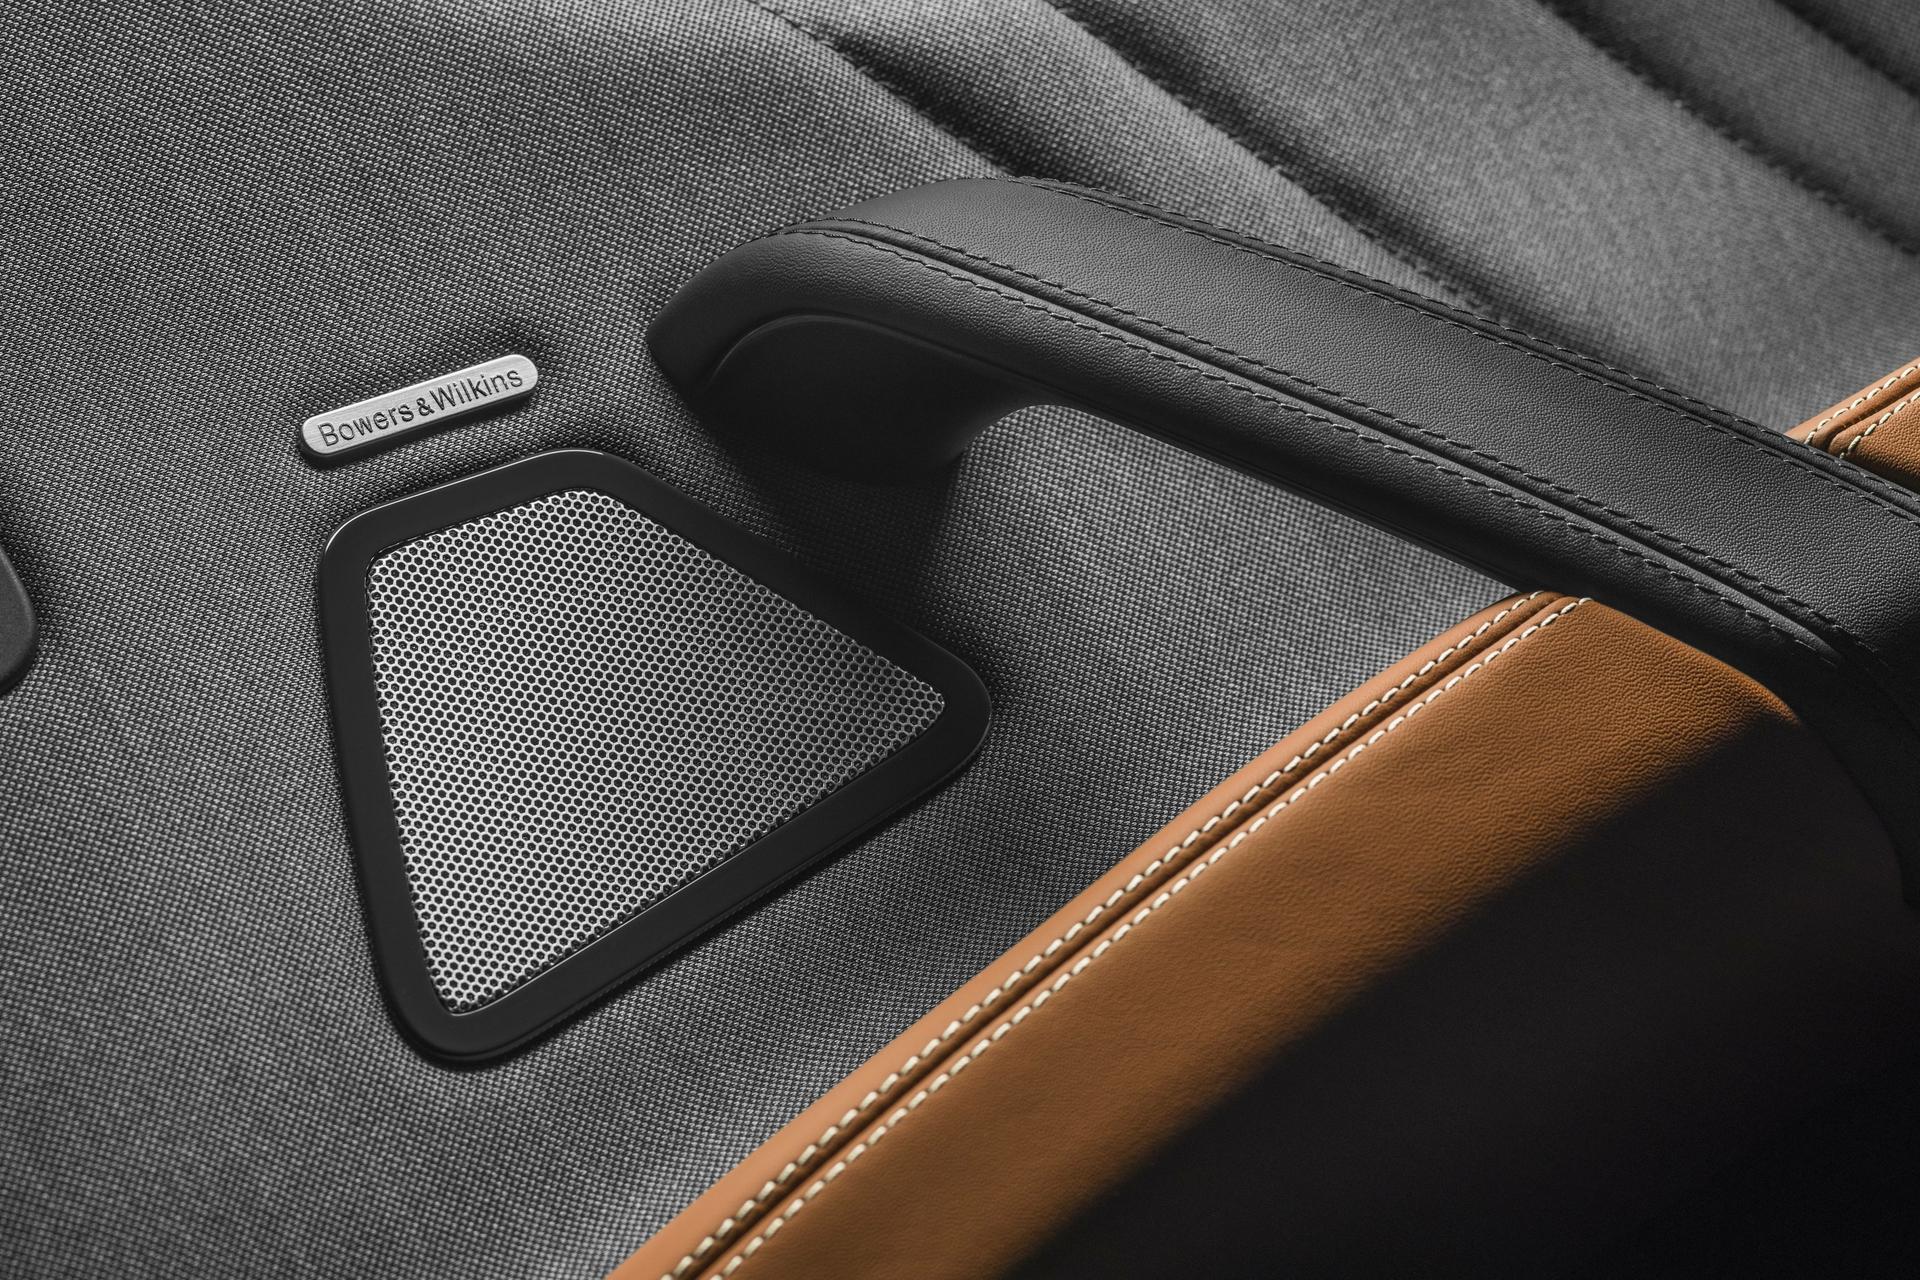 Maserati_Bowers_Wilkins_171540M